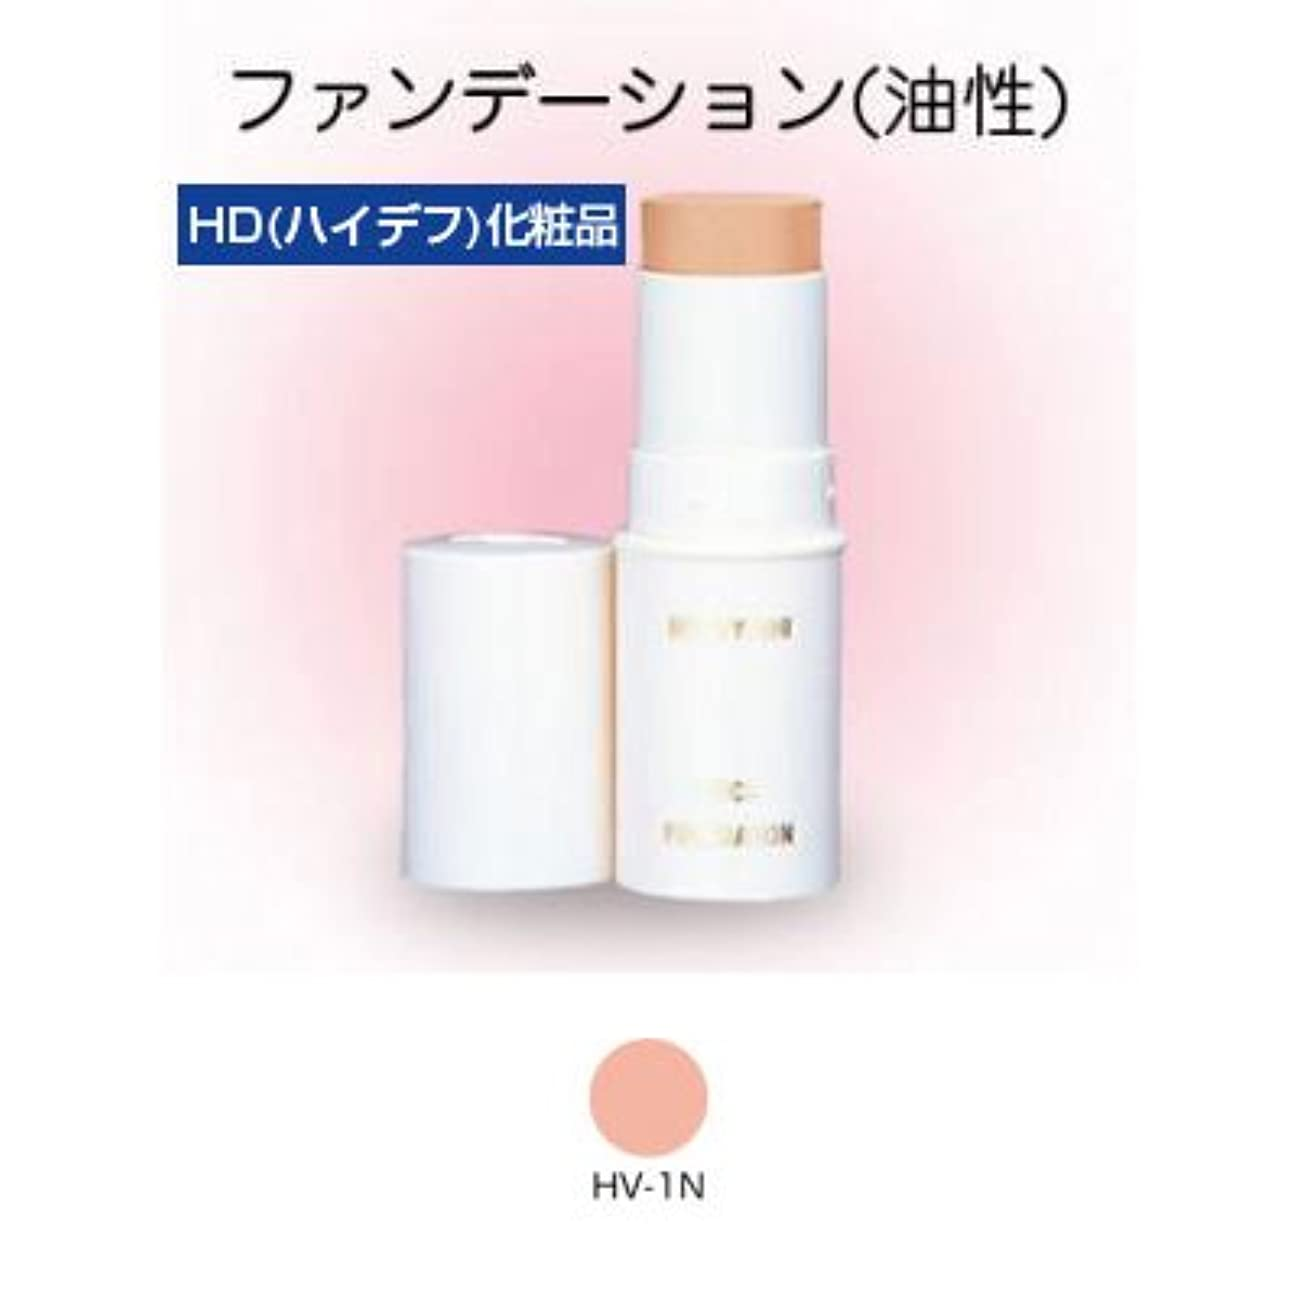 男組み合わせ弾丸スティックファンデーション HD化粧品 17g 1NY 【三善】